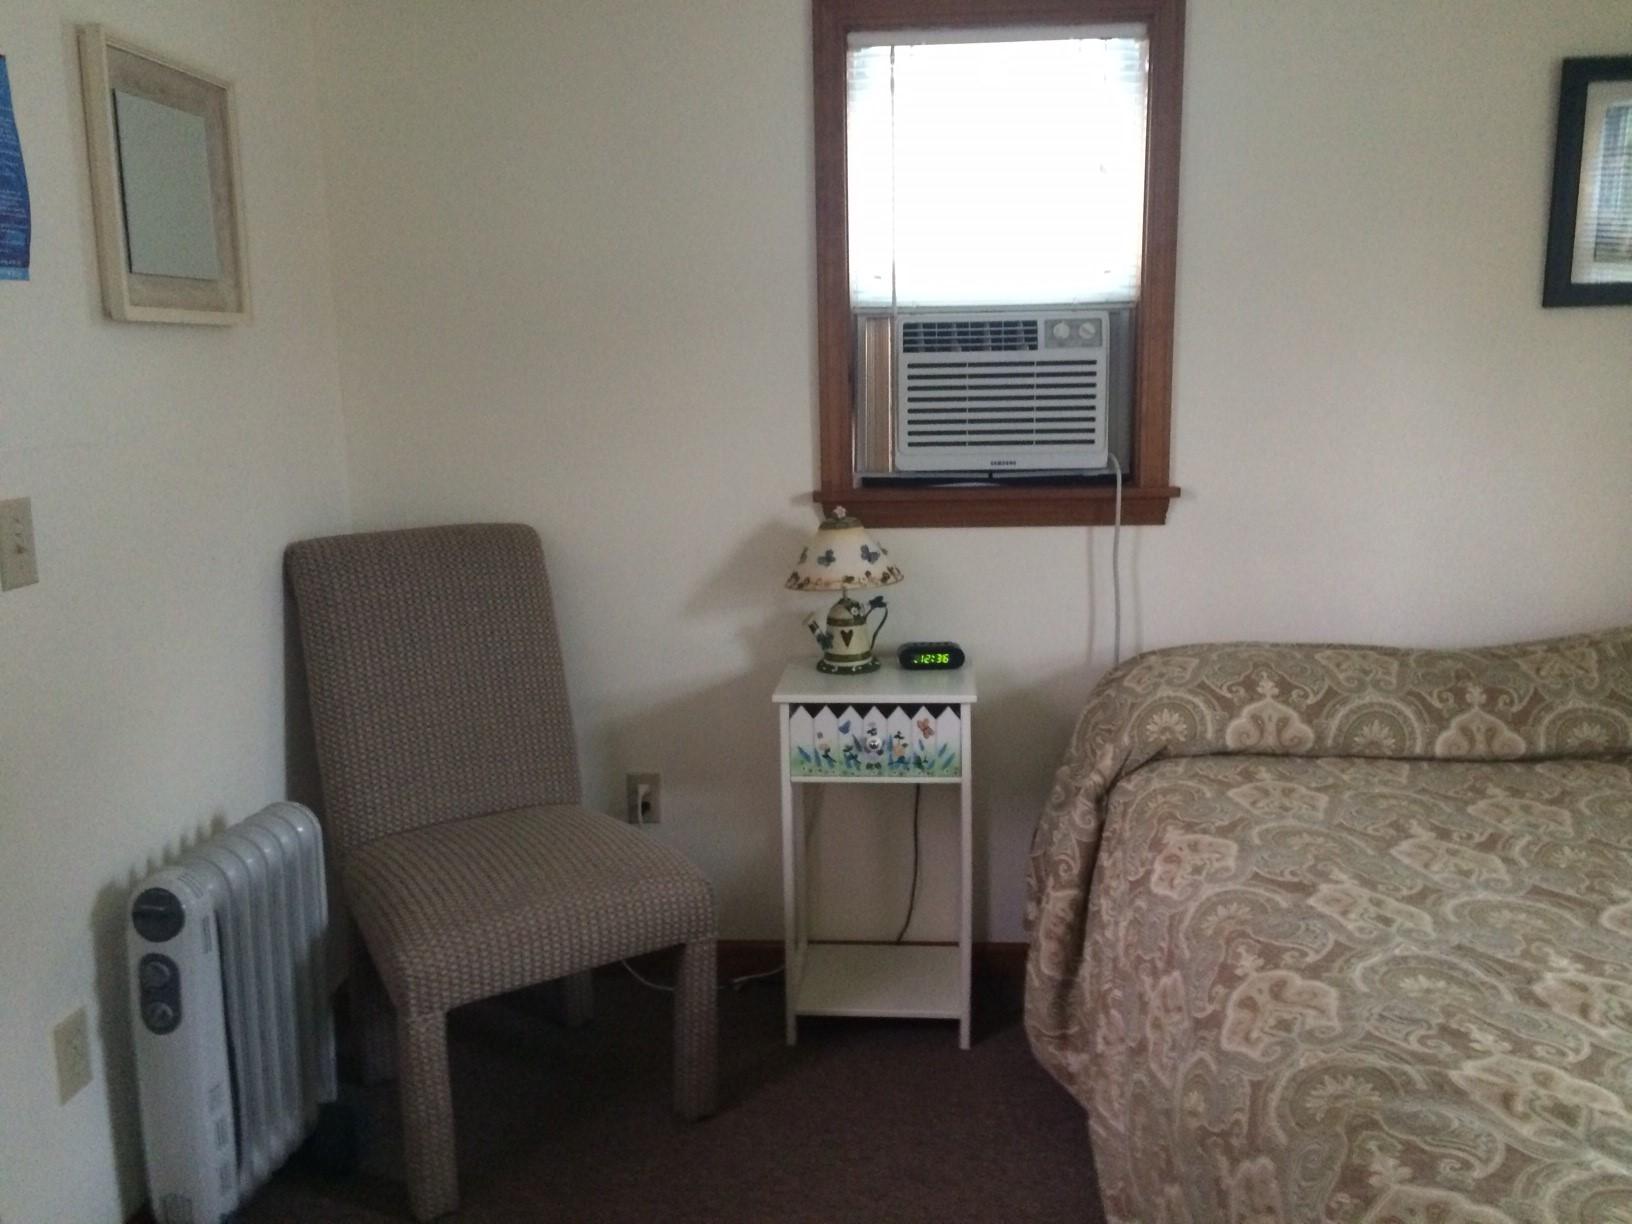 Blue Spruce Motel - Cabin Number 18 (1) - Interior Bed and Corner.jpg